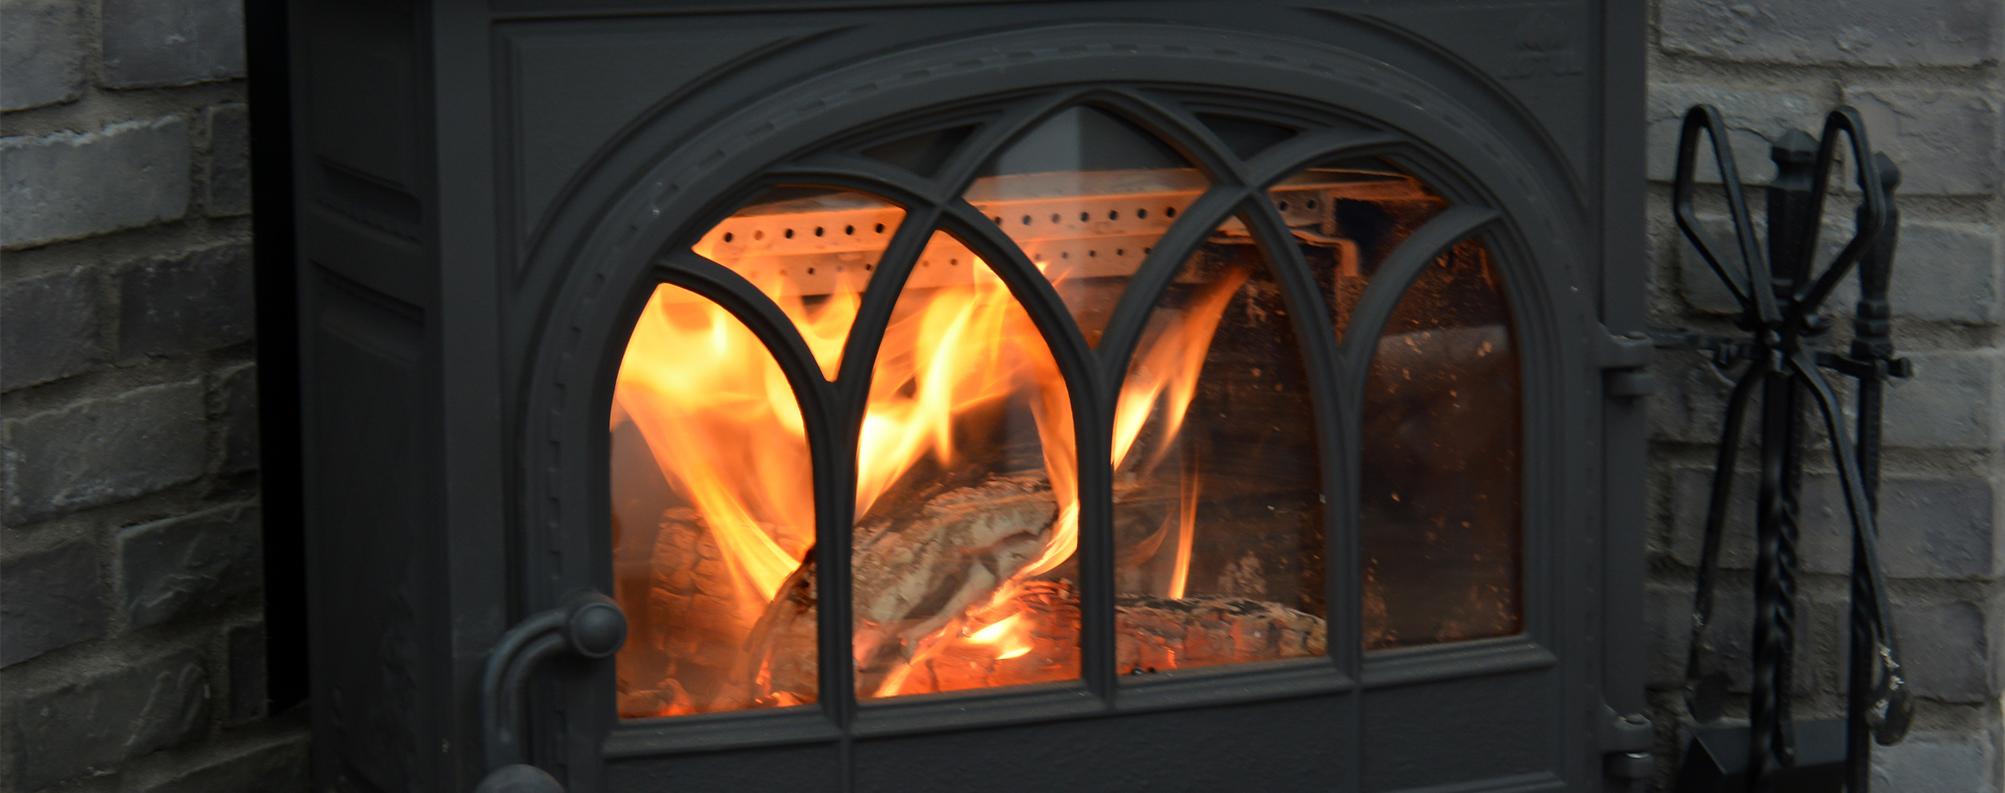 Brændeovn3